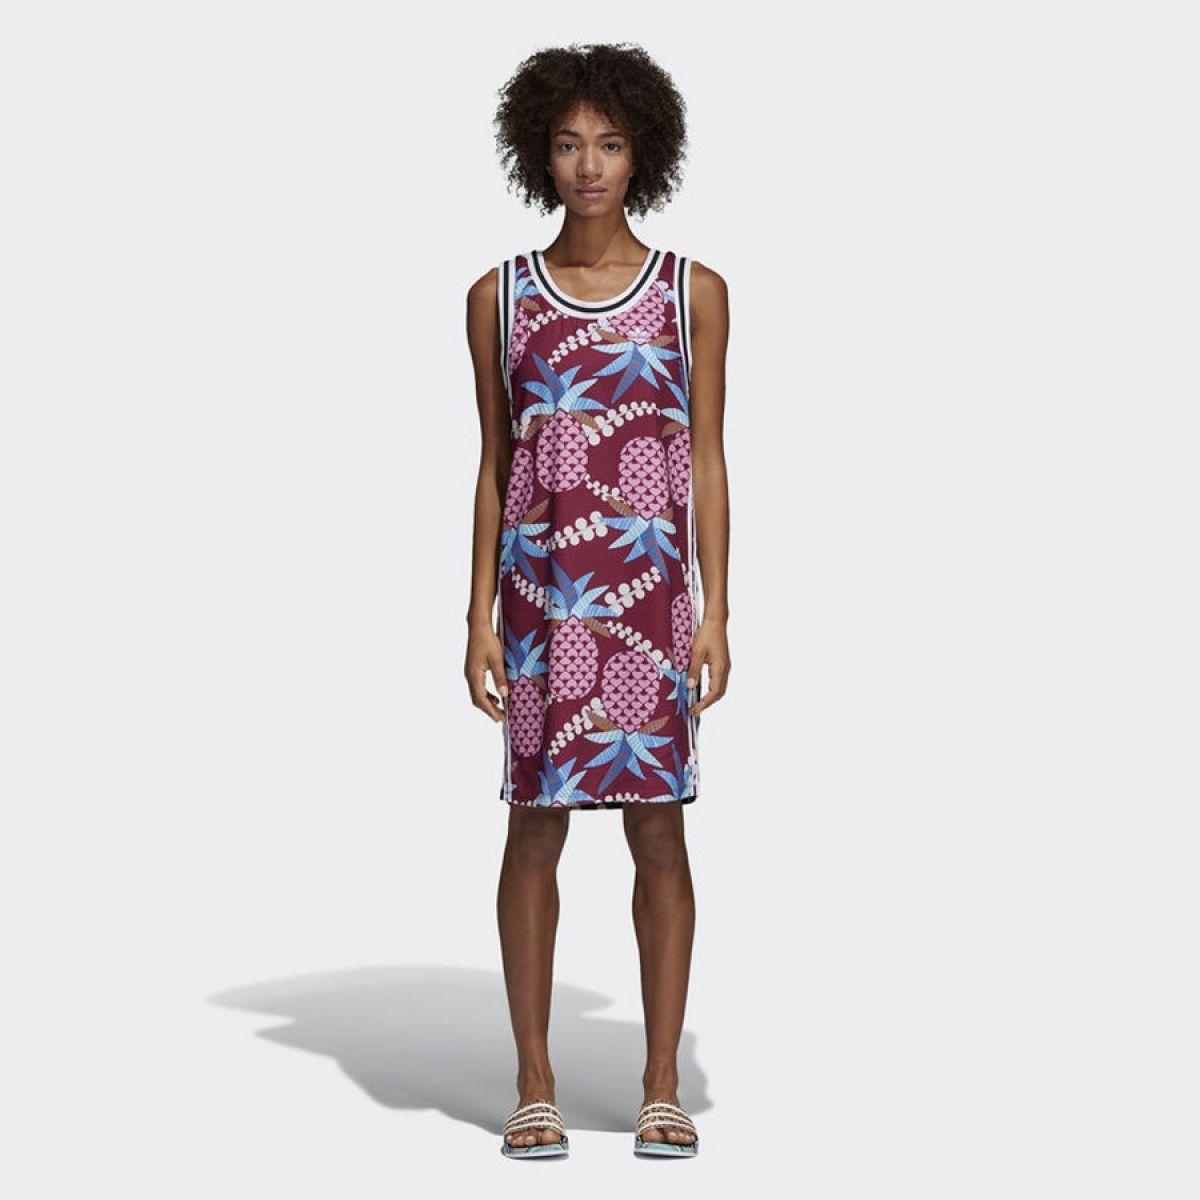 32858c2f3 Sukienka adidas Originals Tank Dress W CW4726 36 - 7409904932 ...